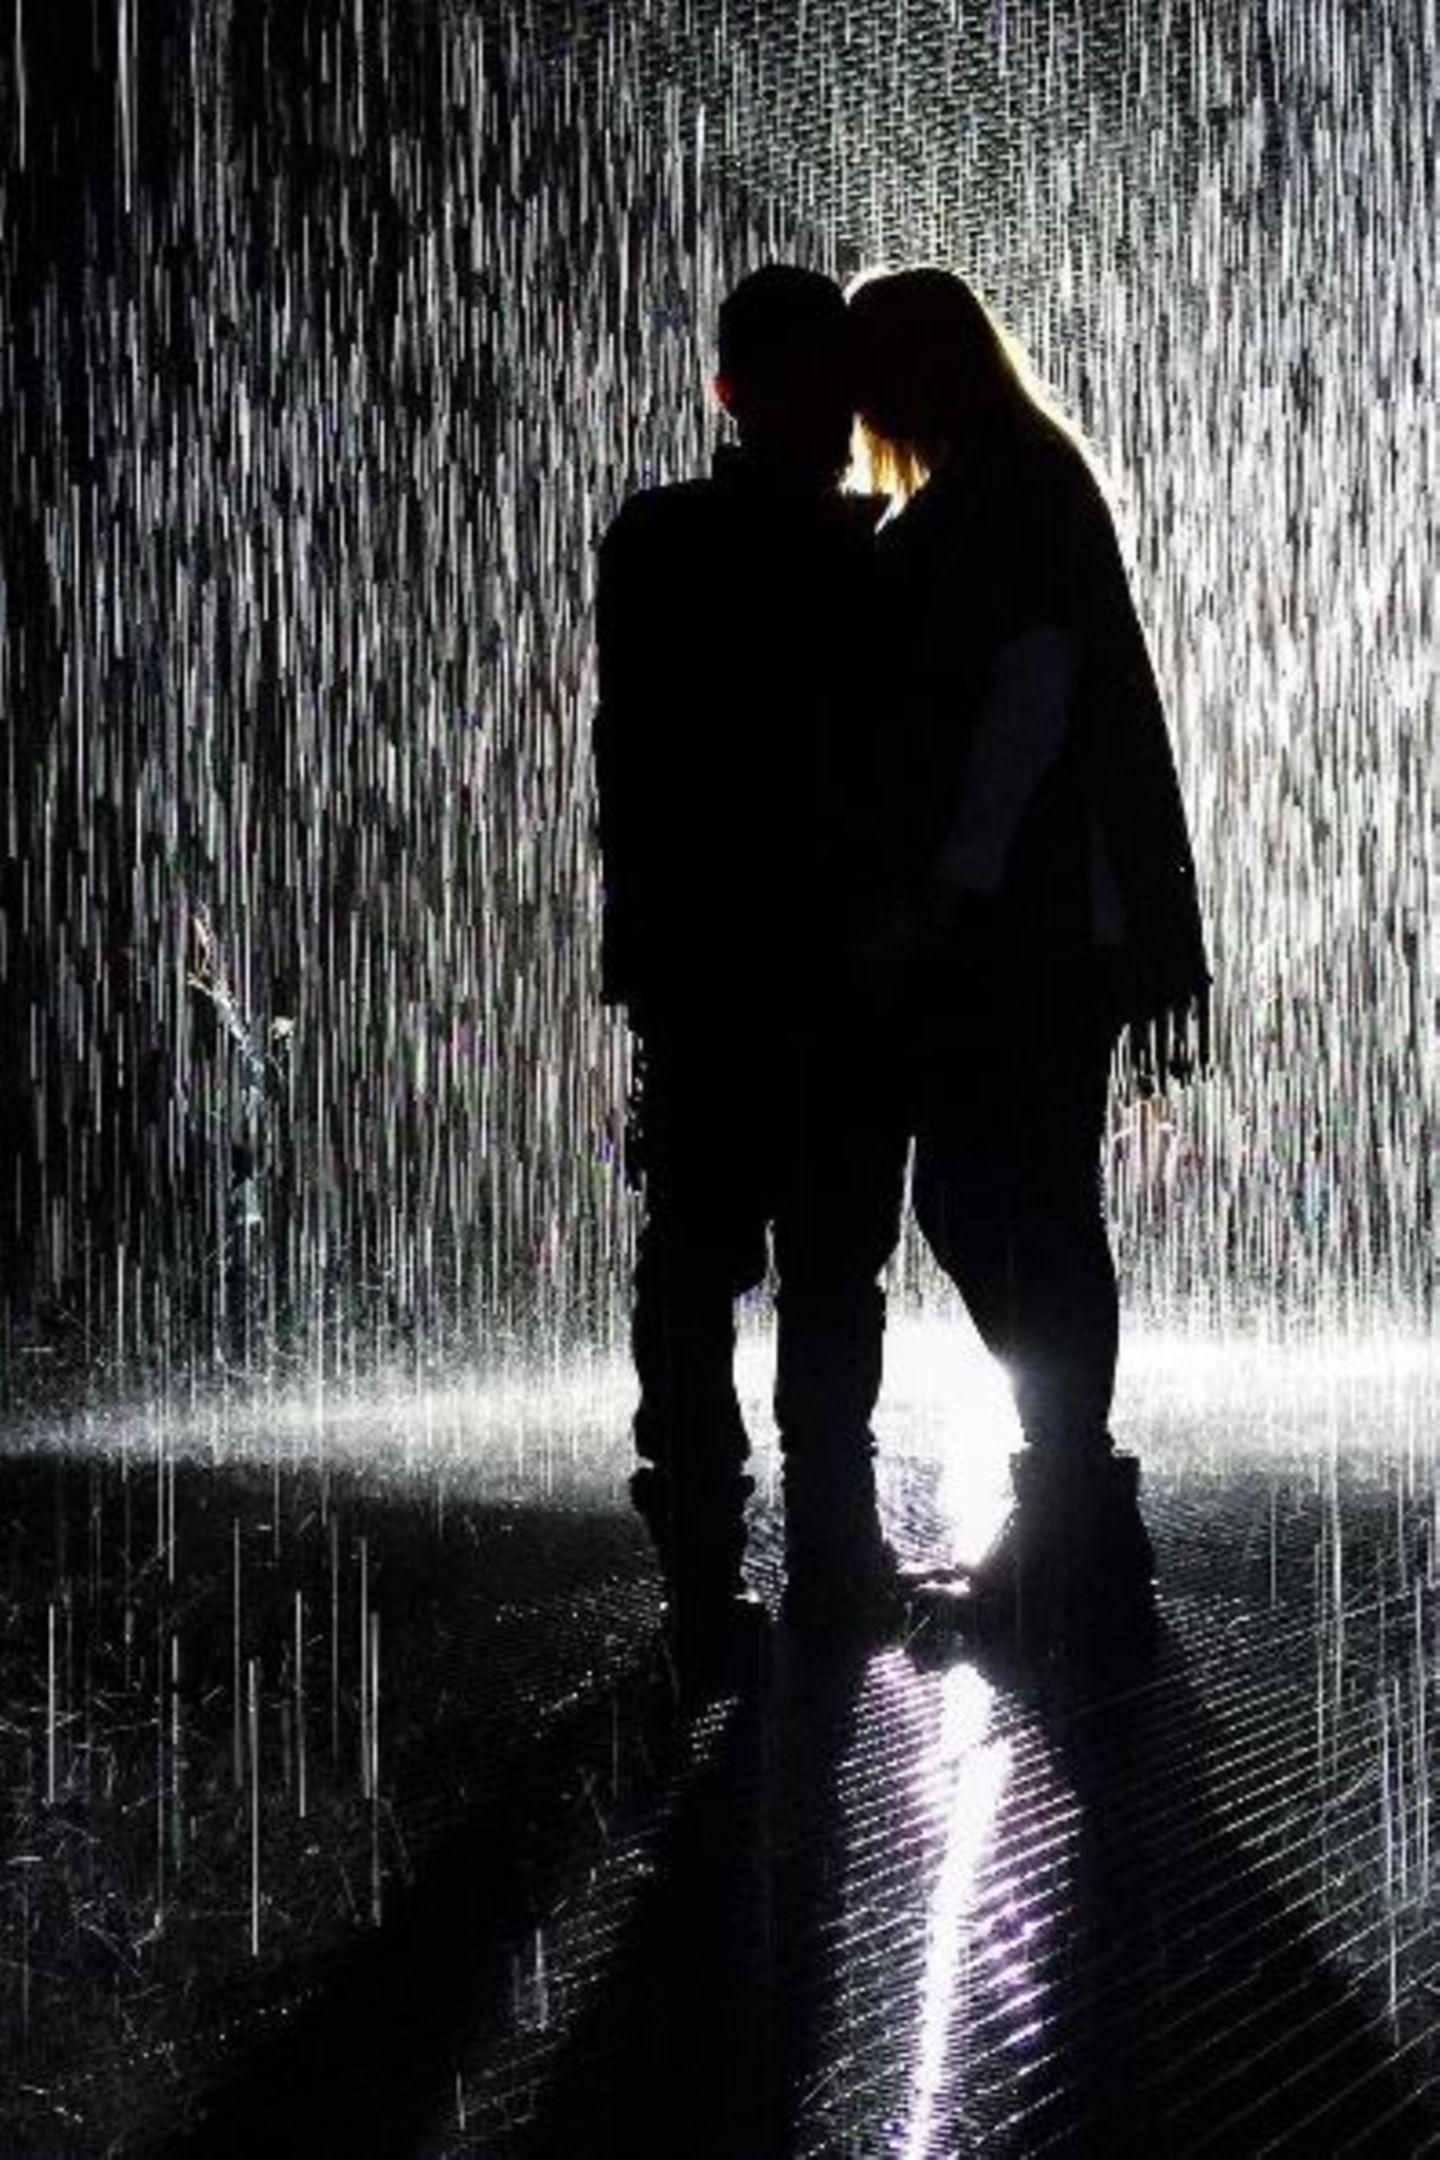 15. Februar 2016  Im Regen würde Benji Madden seine Cameron niemals stehen lassen. Dafür liebt er sie viel zu sehr. Zur Freude seiner Follower zieht es die Eheleute dann aber doch ins Nasse. Auch wenn die beiden auf dem Instagram-Foto nur schemenhaft zur erkennen sind, macht es die Fans glücklich. Schließlich sind private Schnappschüsse eine absolute Rarität.